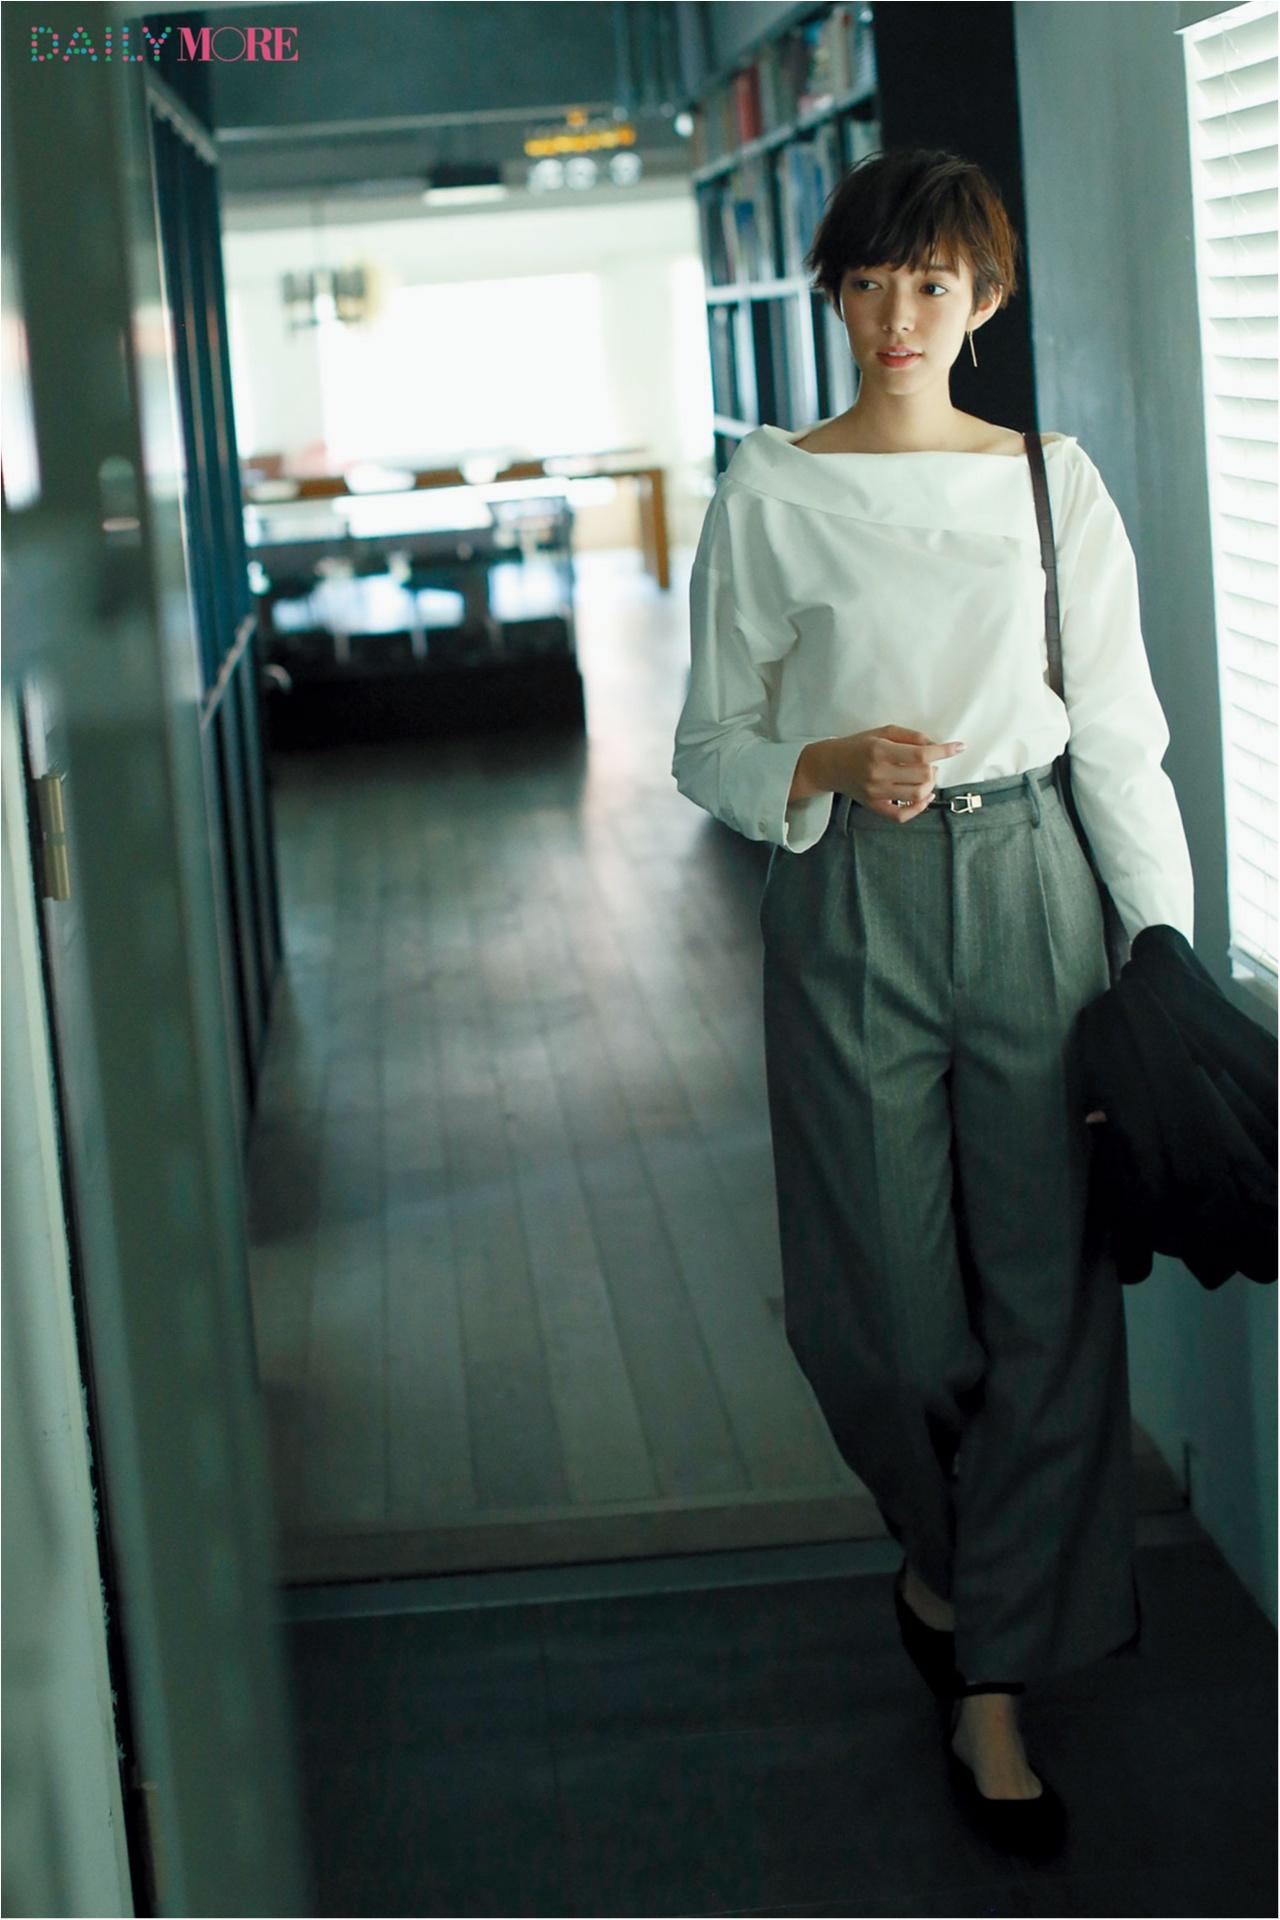 【今日のコーデ/佐藤栞里】きちんと見られたい日のお仕事服、白シャツ×パンツに大人のこだわりを持って。_1